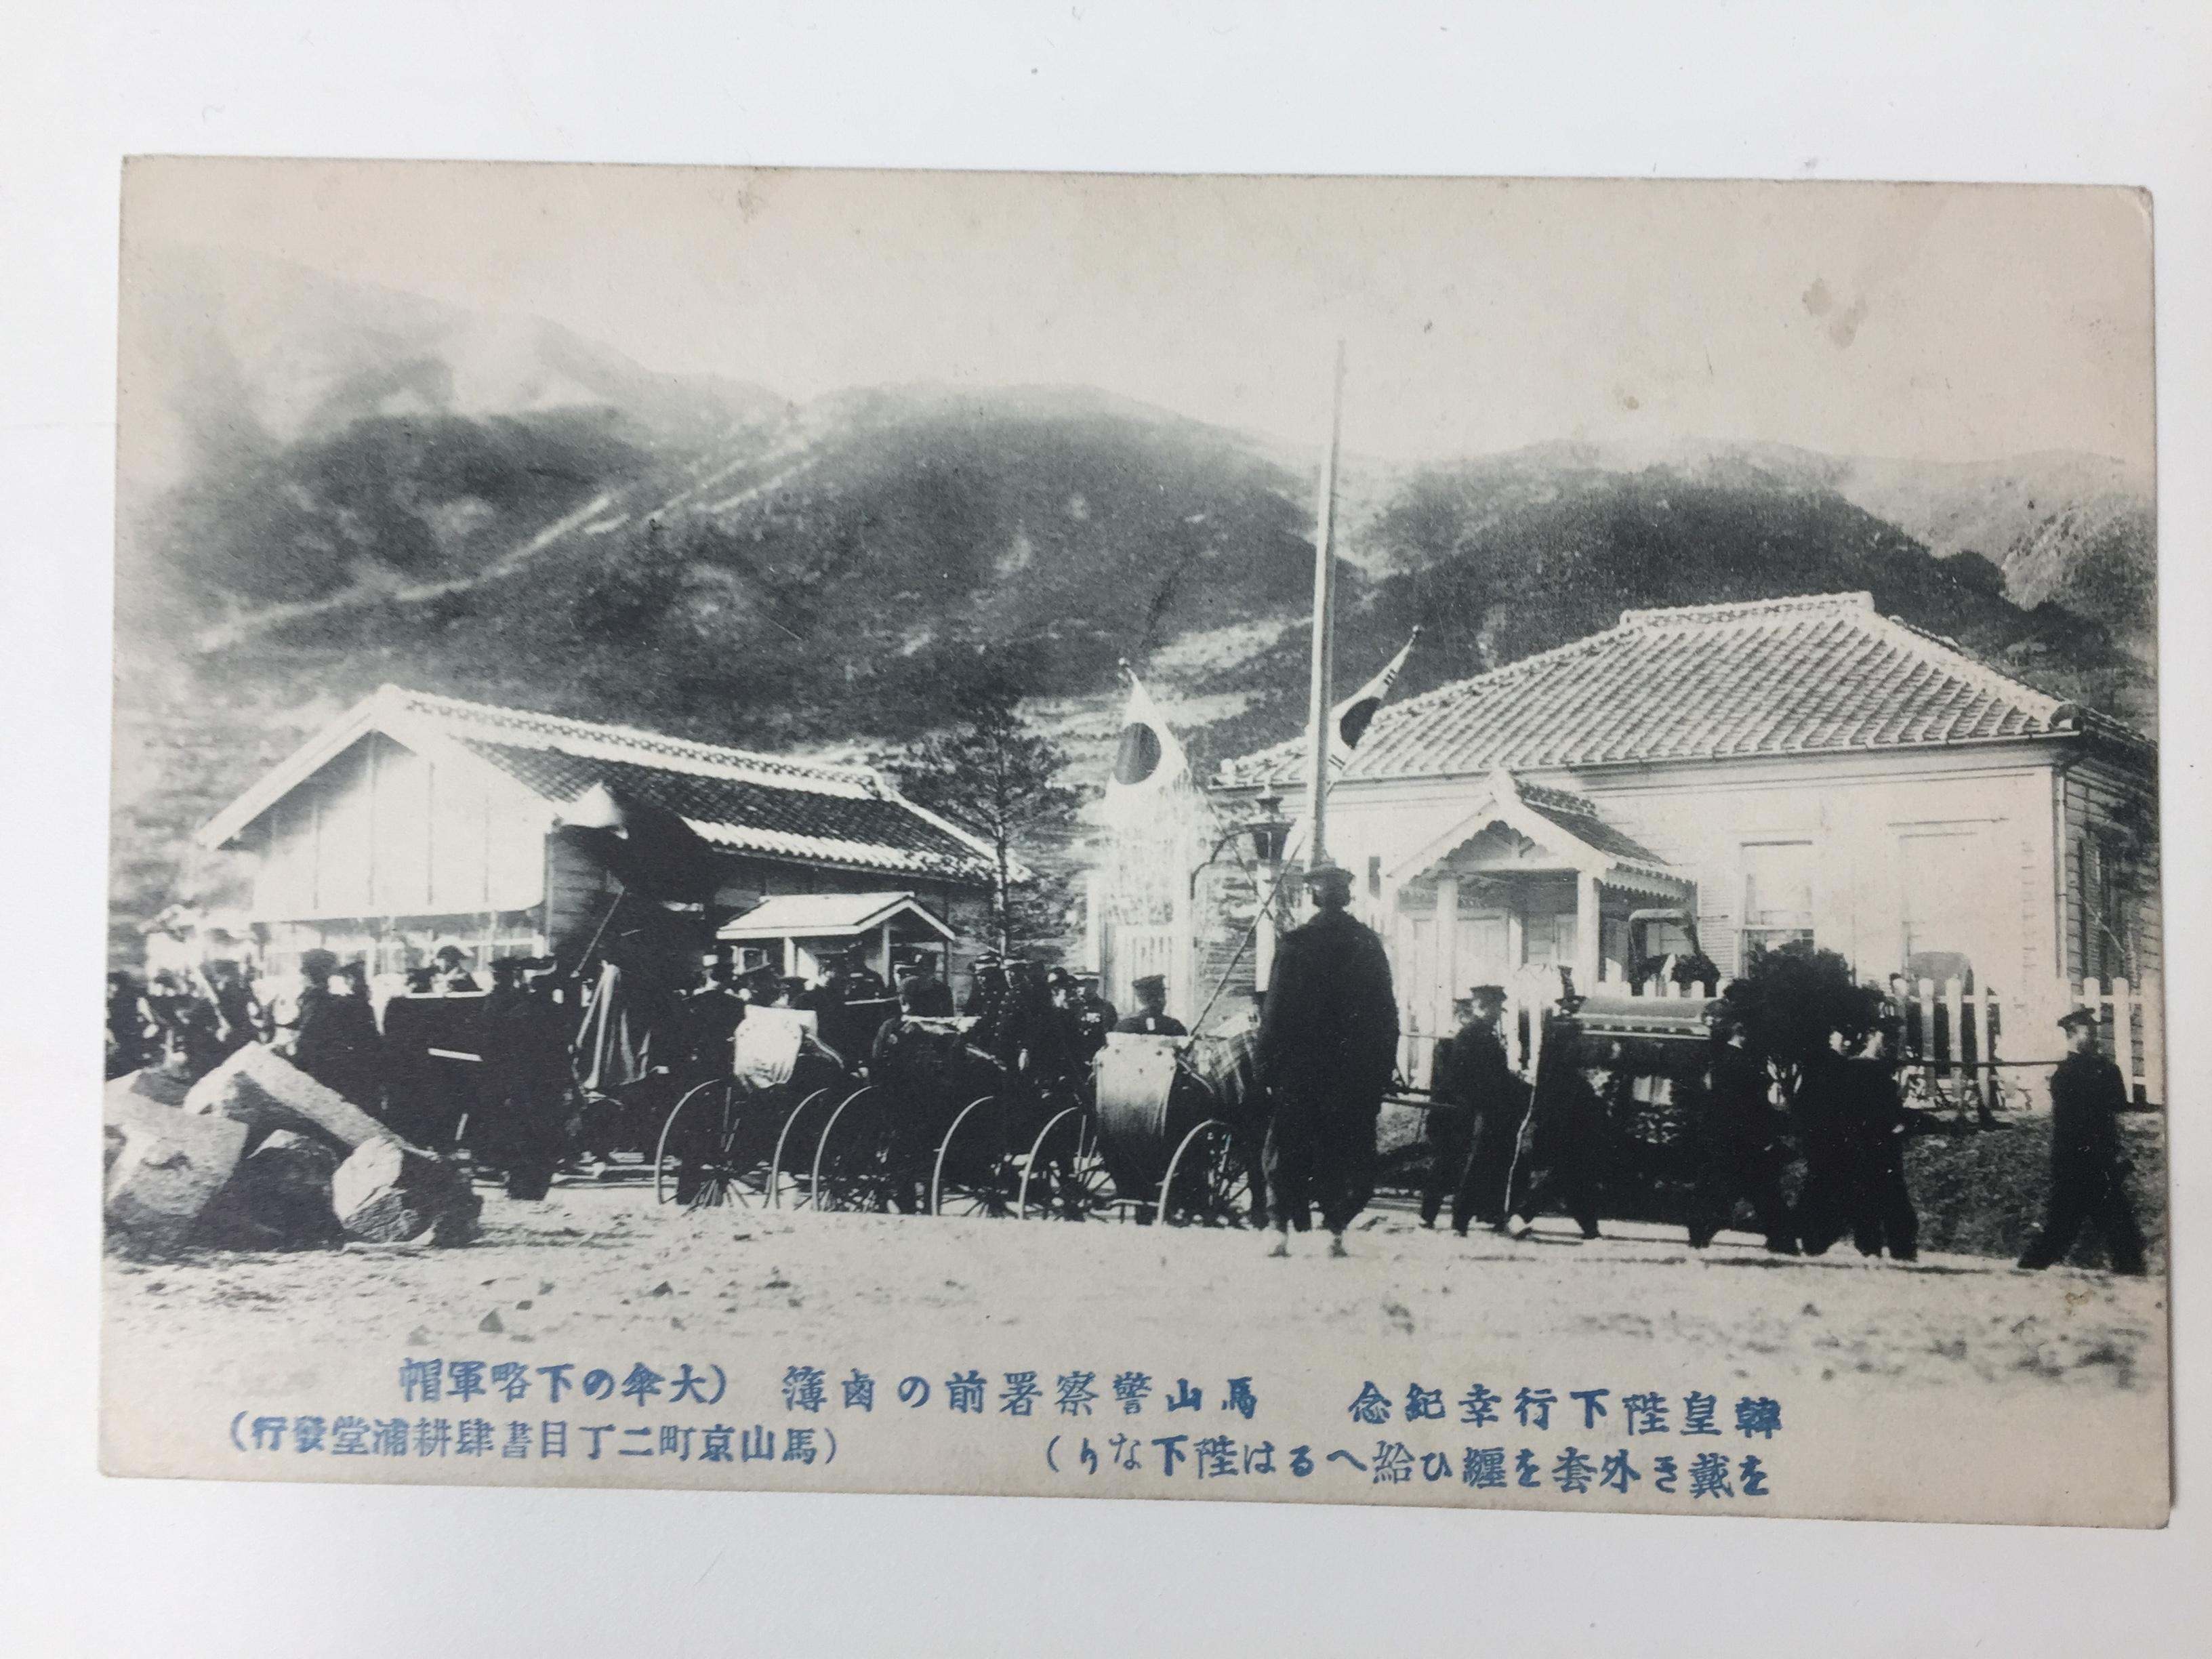 마산번창기(1908) - 9